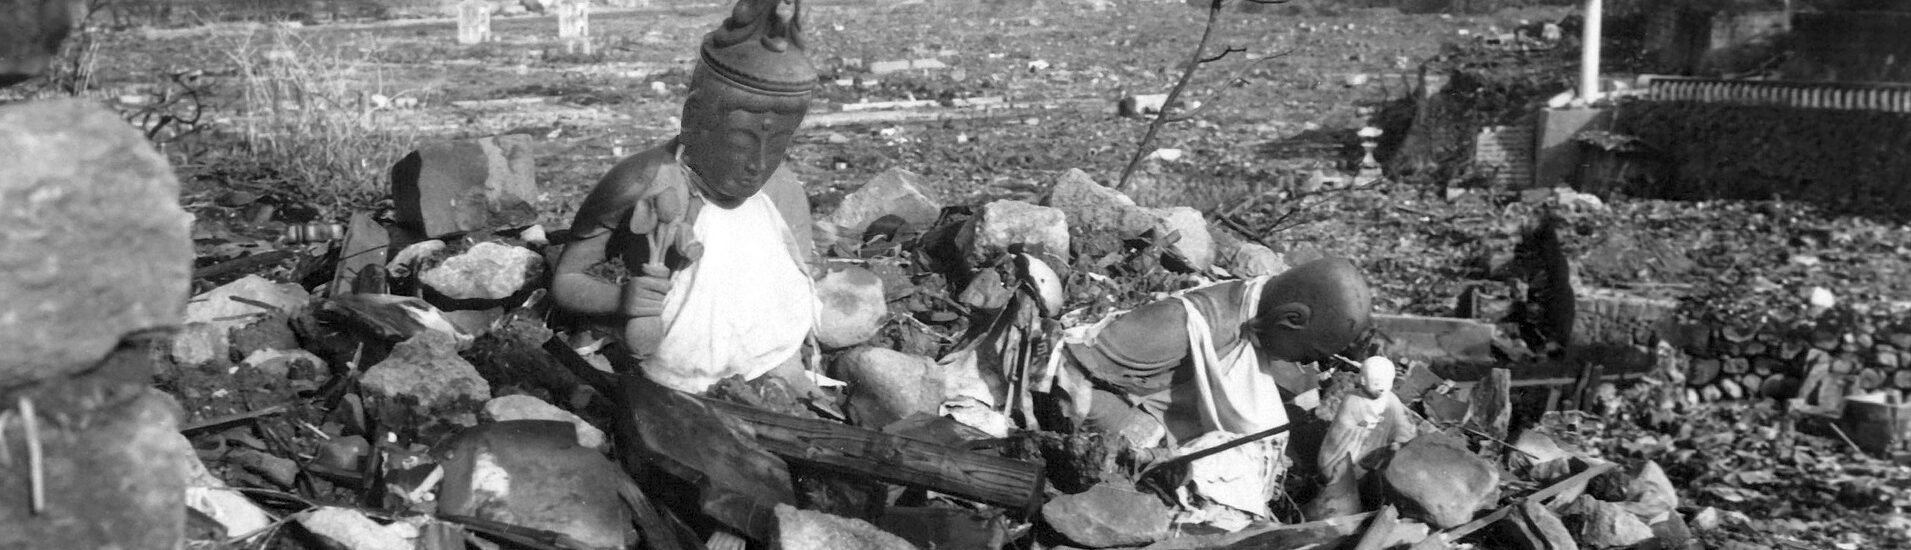 75 χρόνια από τον ιμπεριαλιστικό βομβαρδισμό της Ιαπωνίας